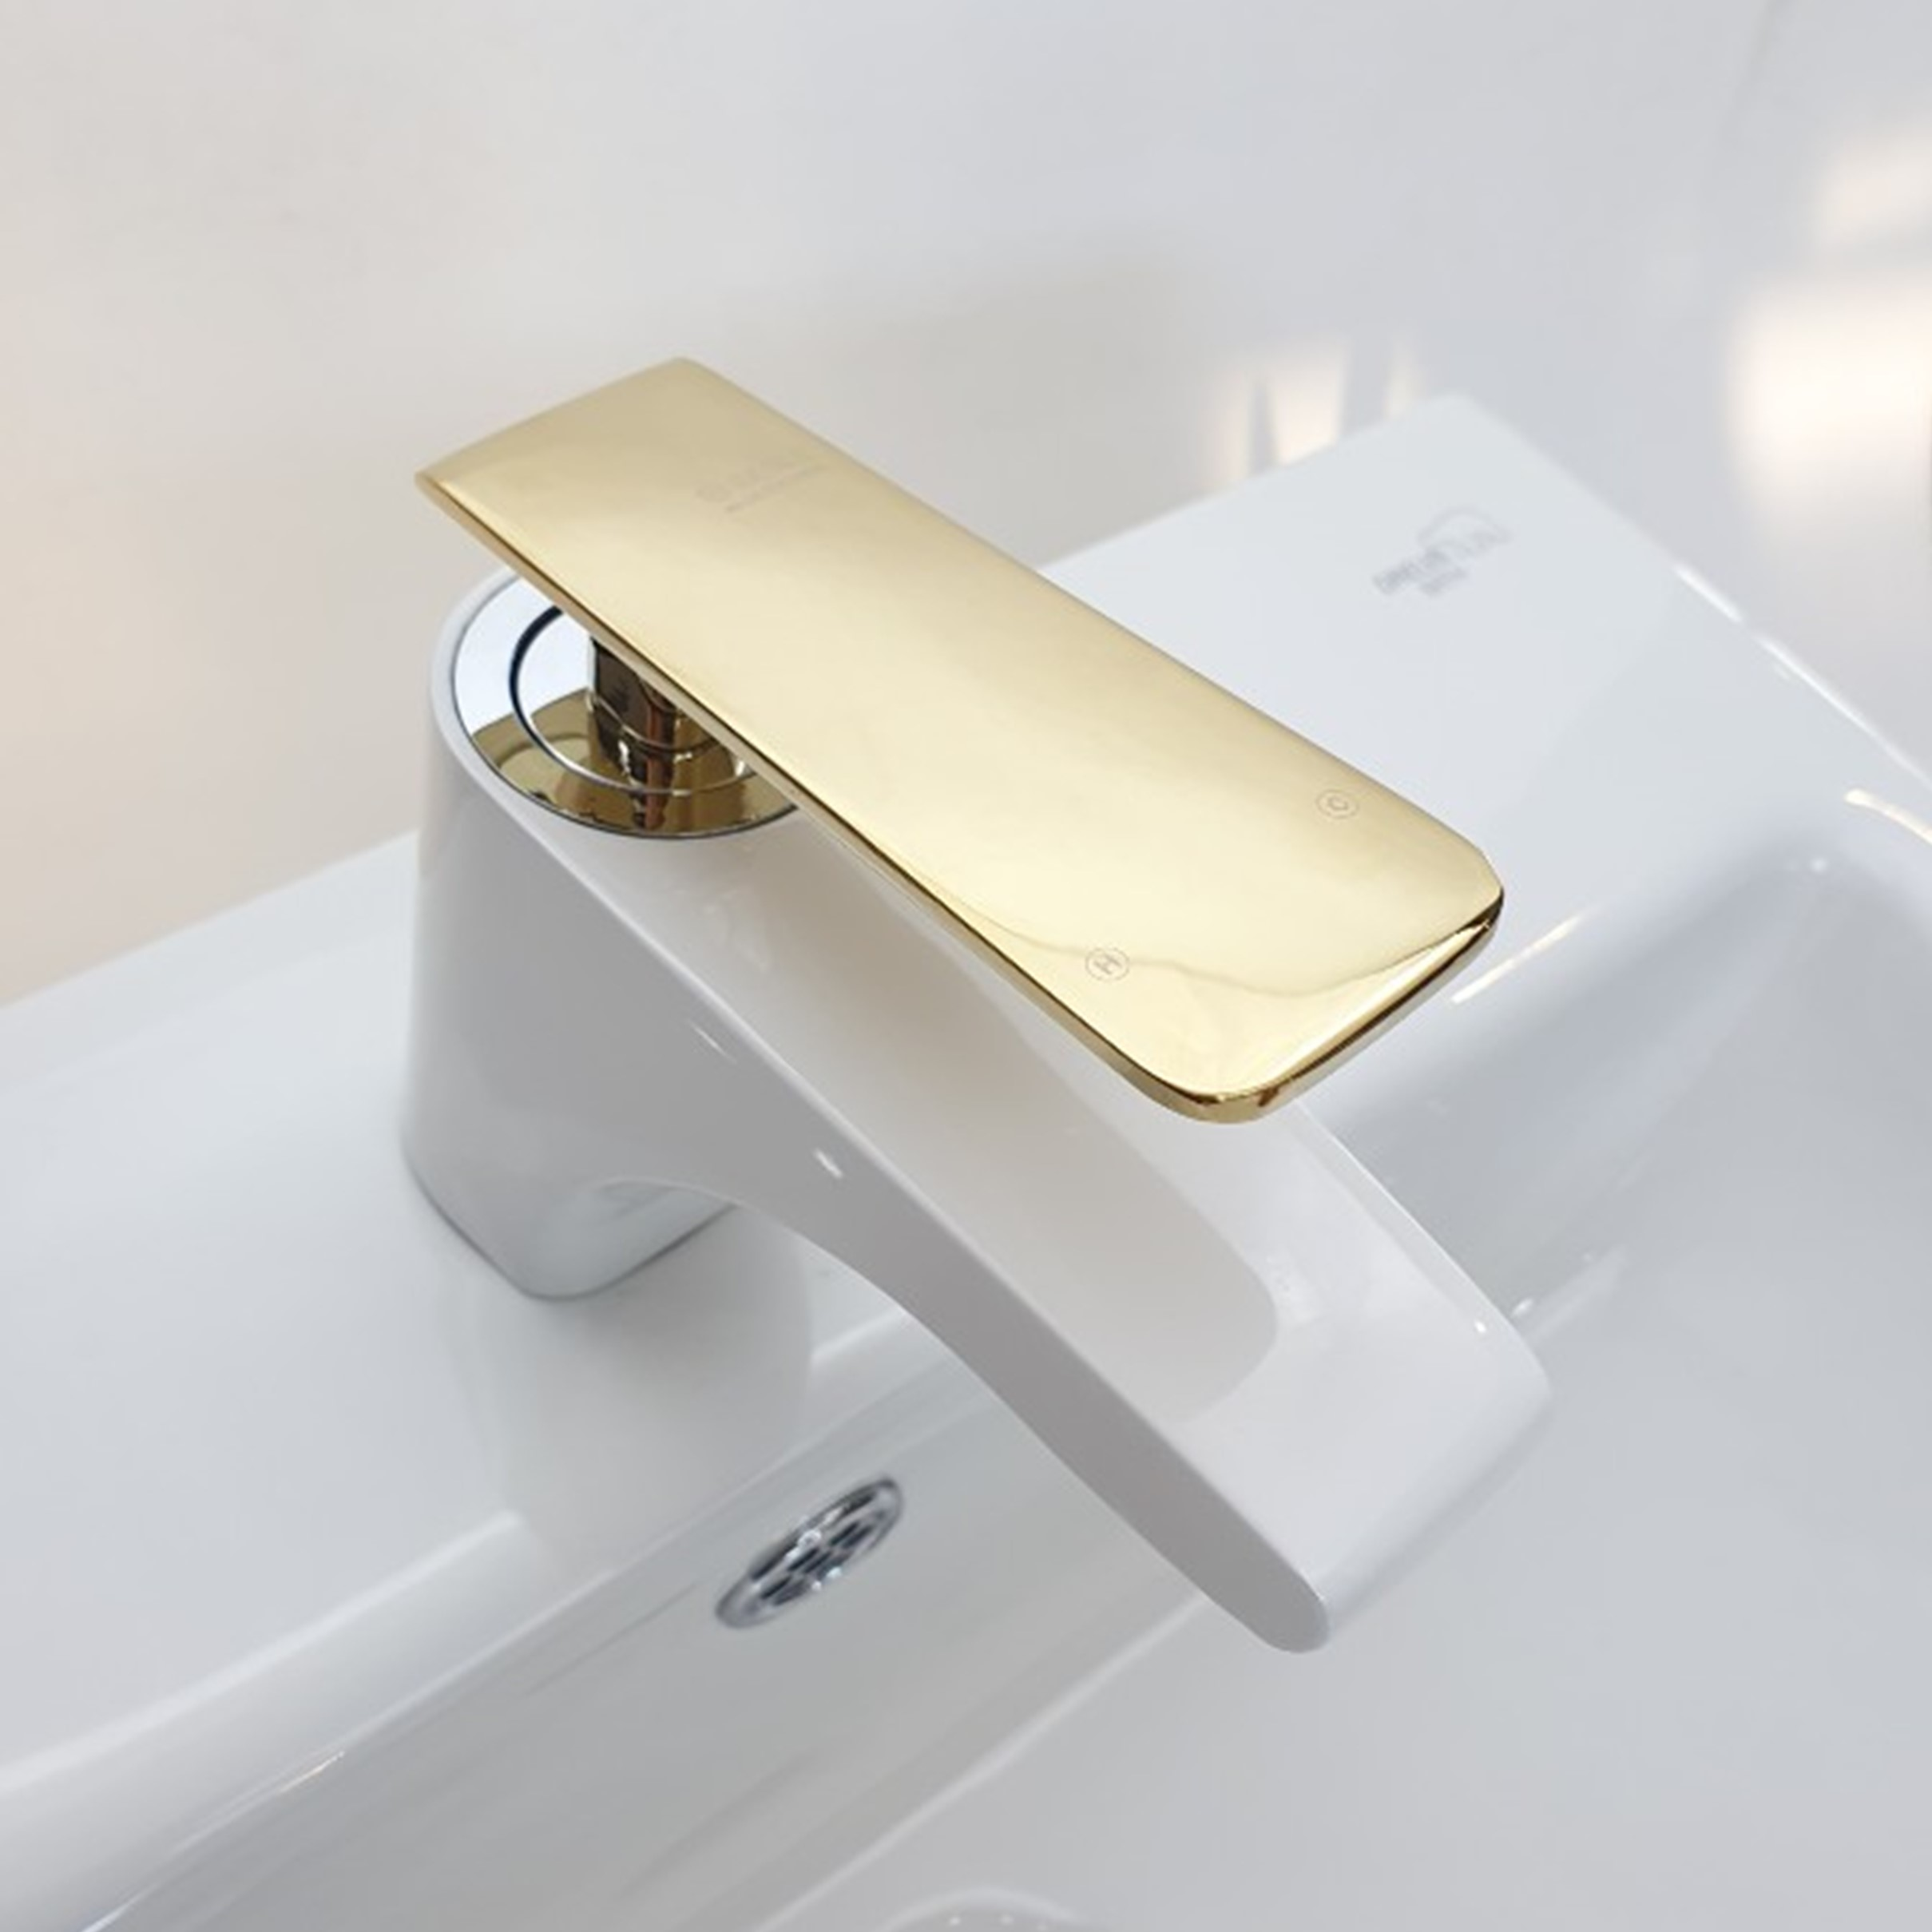 이레타일 골드수전 원홀세면 욕실수도꼭지 세면대수전 욕실수전 세면대수전(이글) WHITE&GOLD, 1개